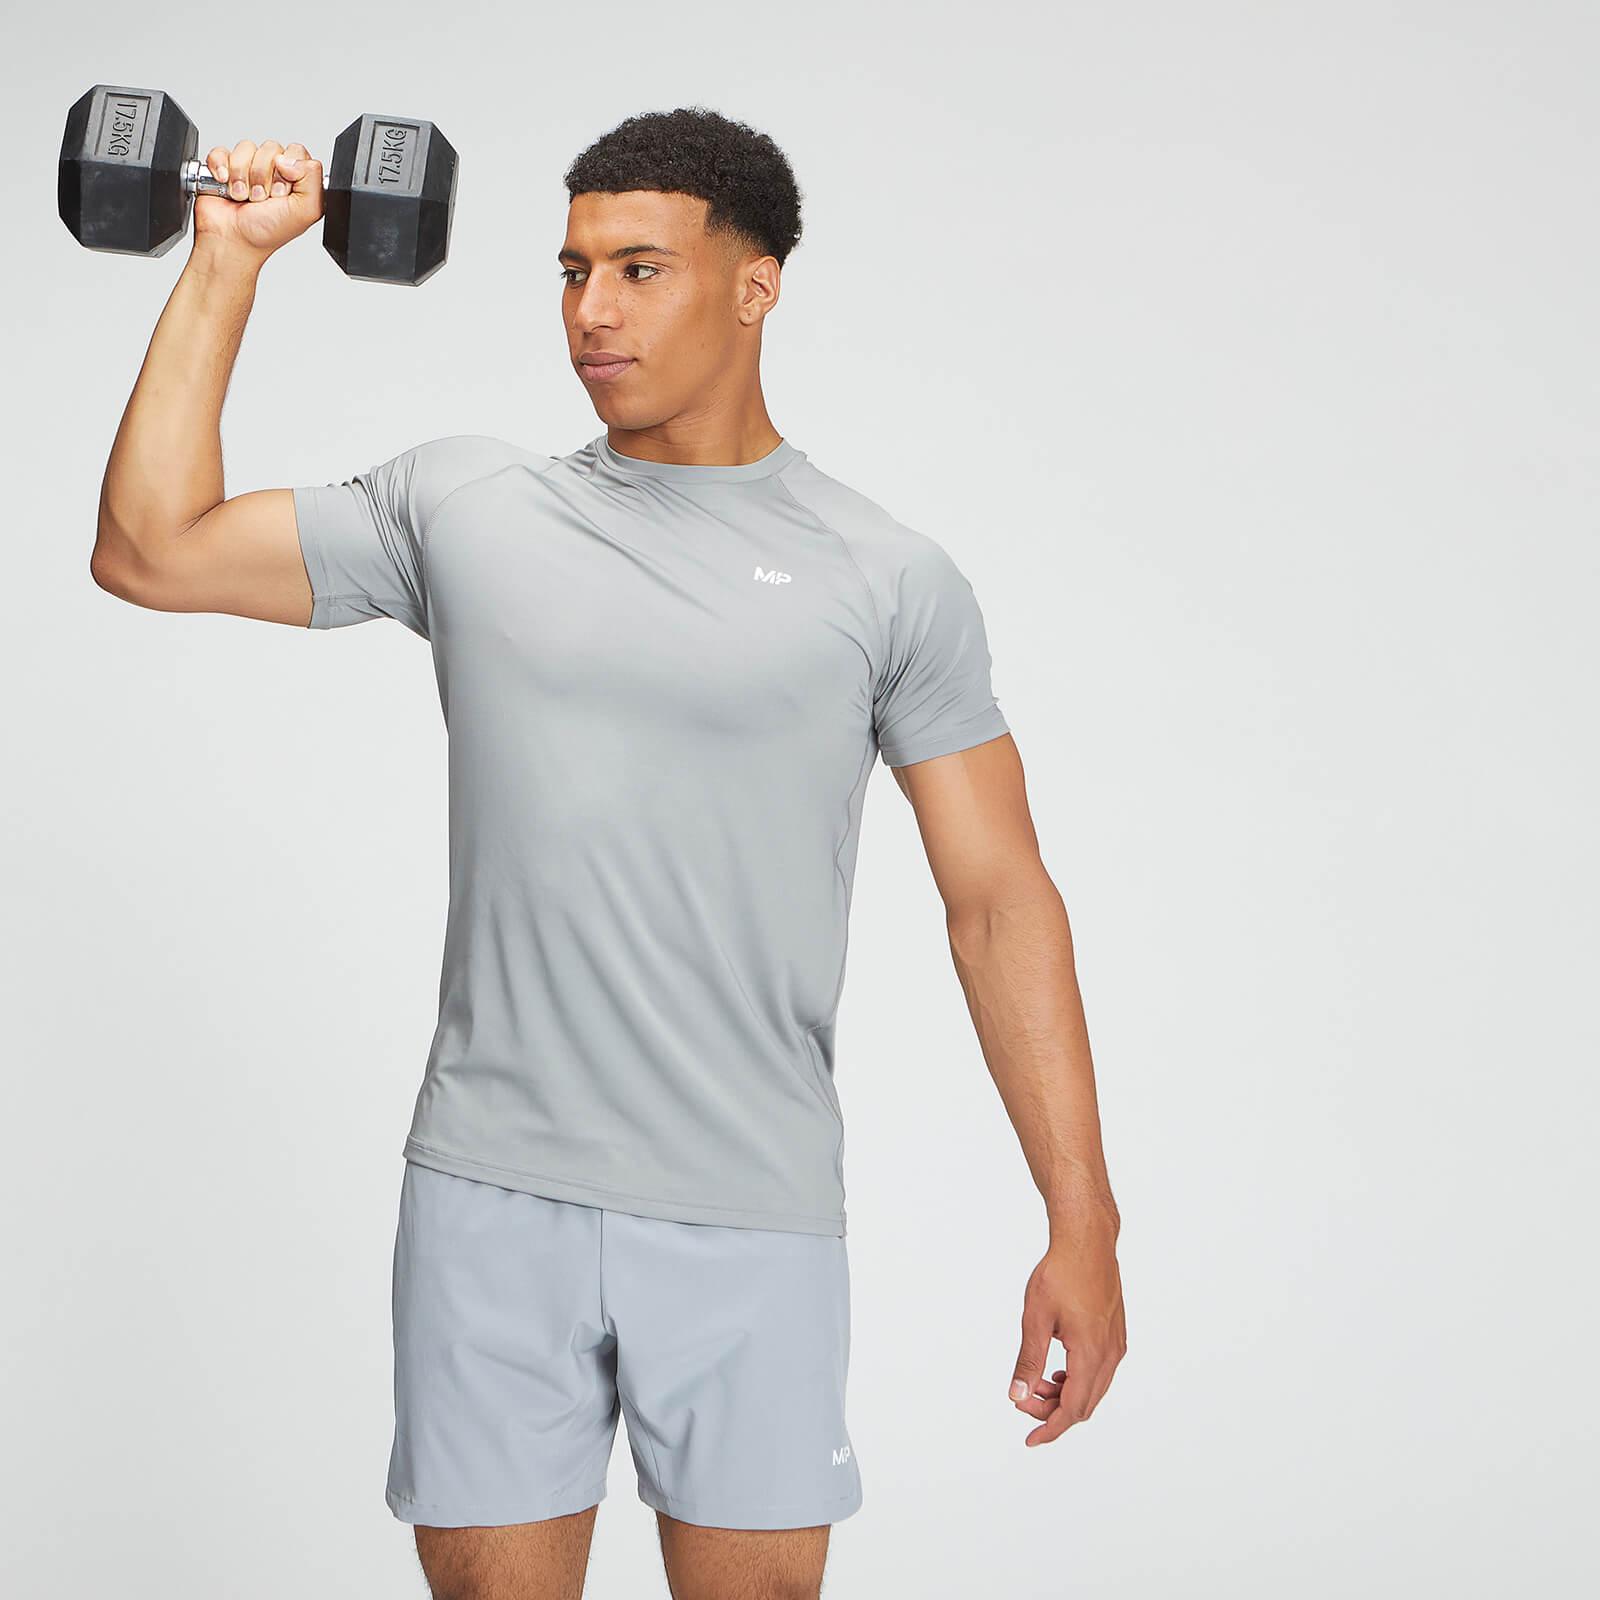 Купить MP Men's Essentials Training T-Shirt - Storm - XS, Myprotein International